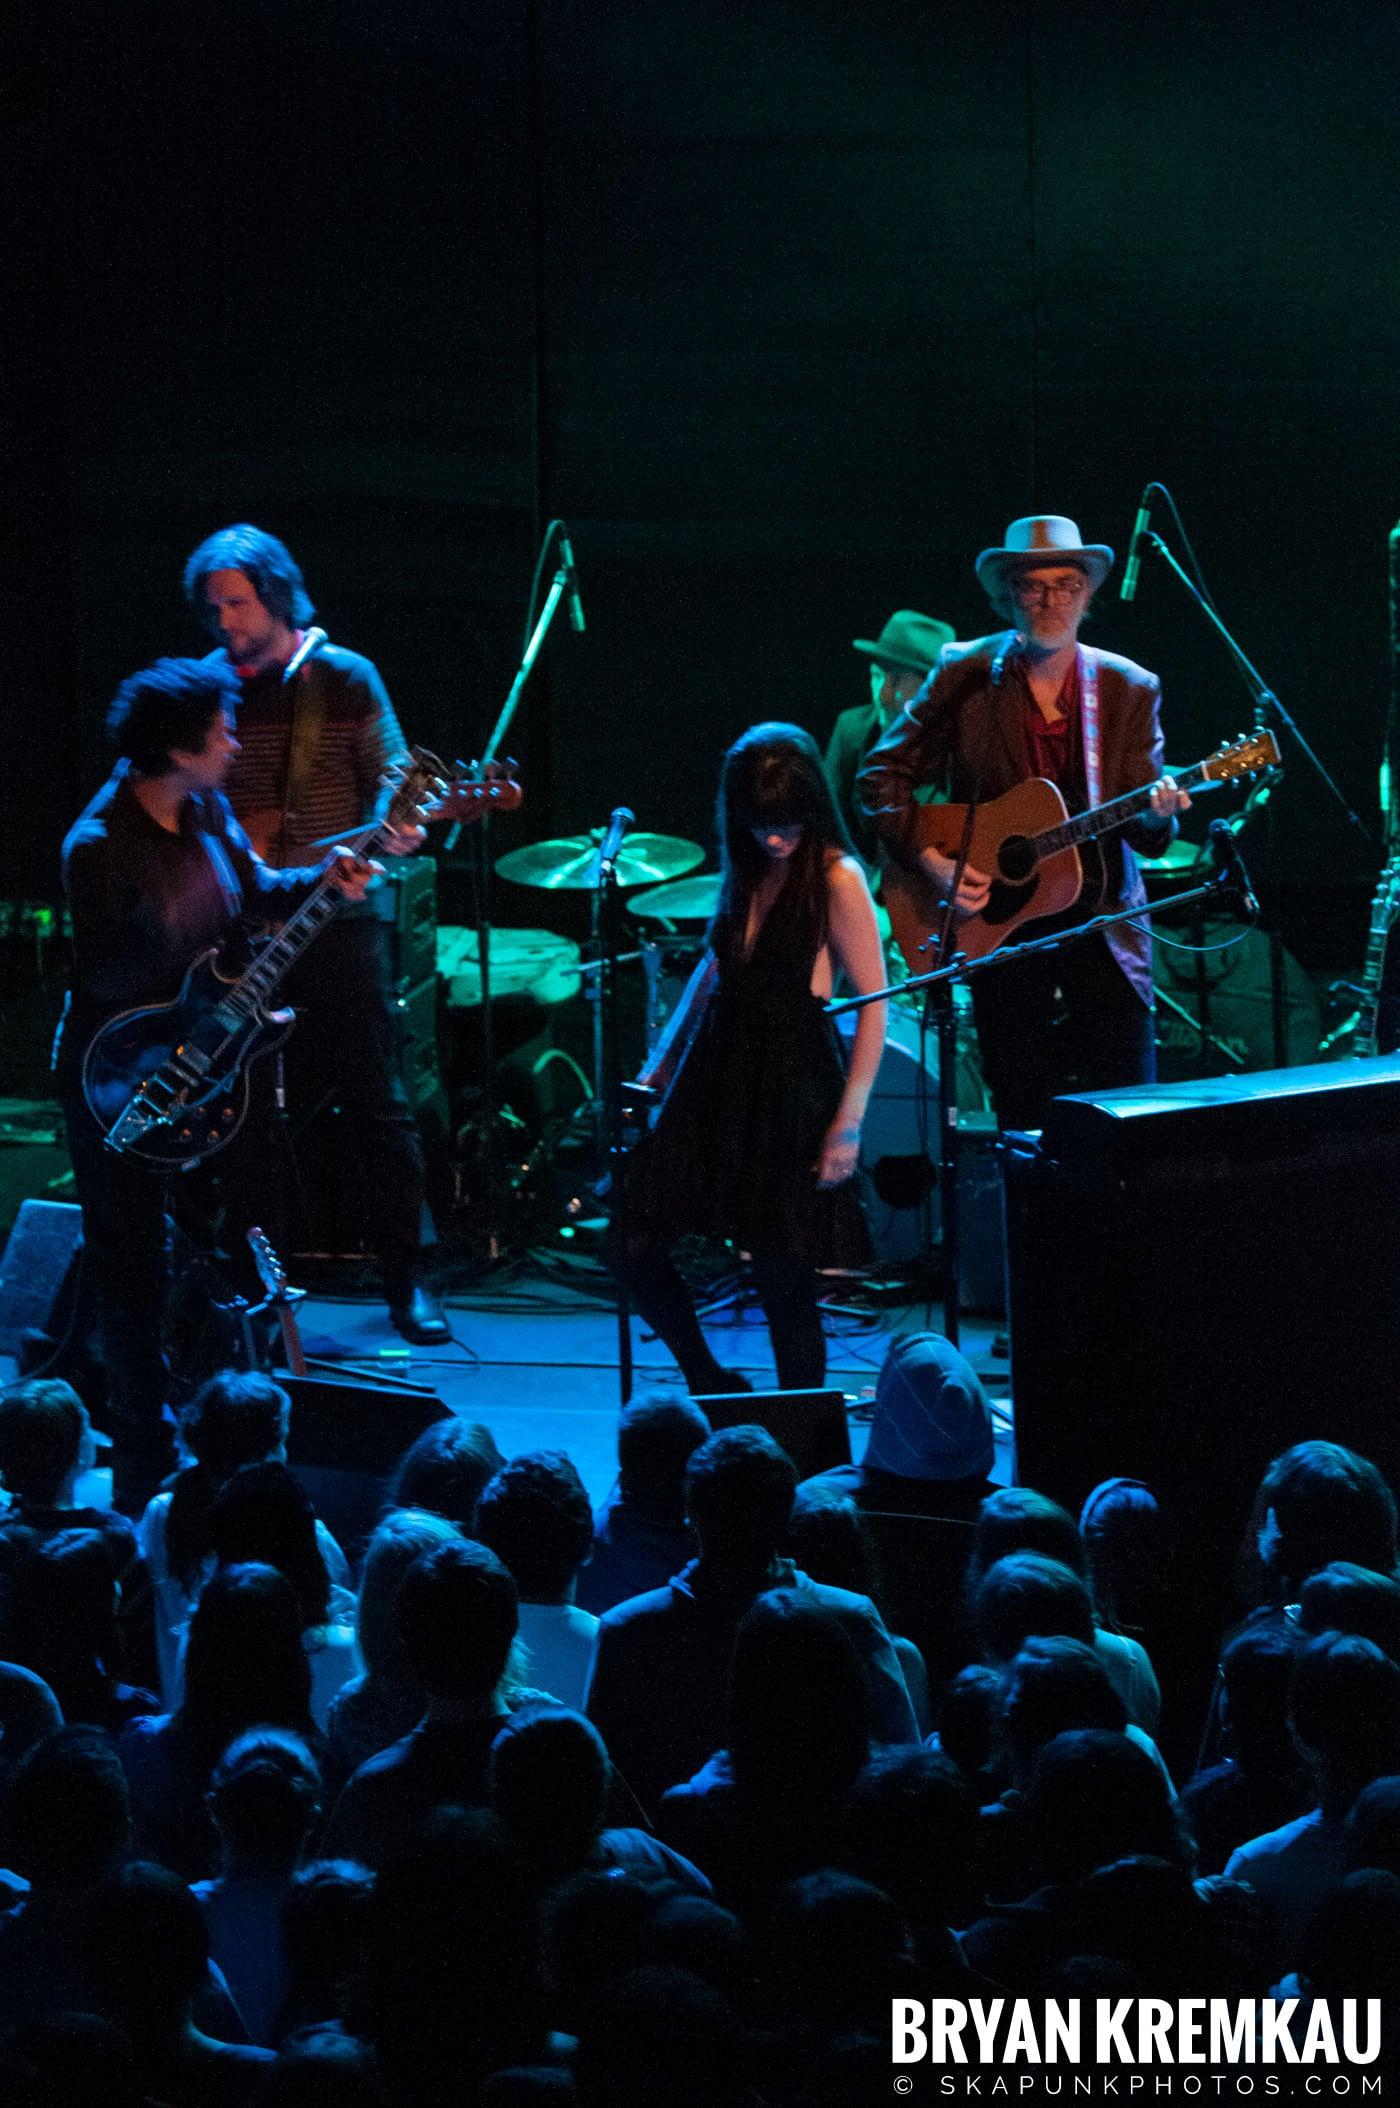 She & Him @ Bowery Ballroom, NYC - 3.29.10 (6)